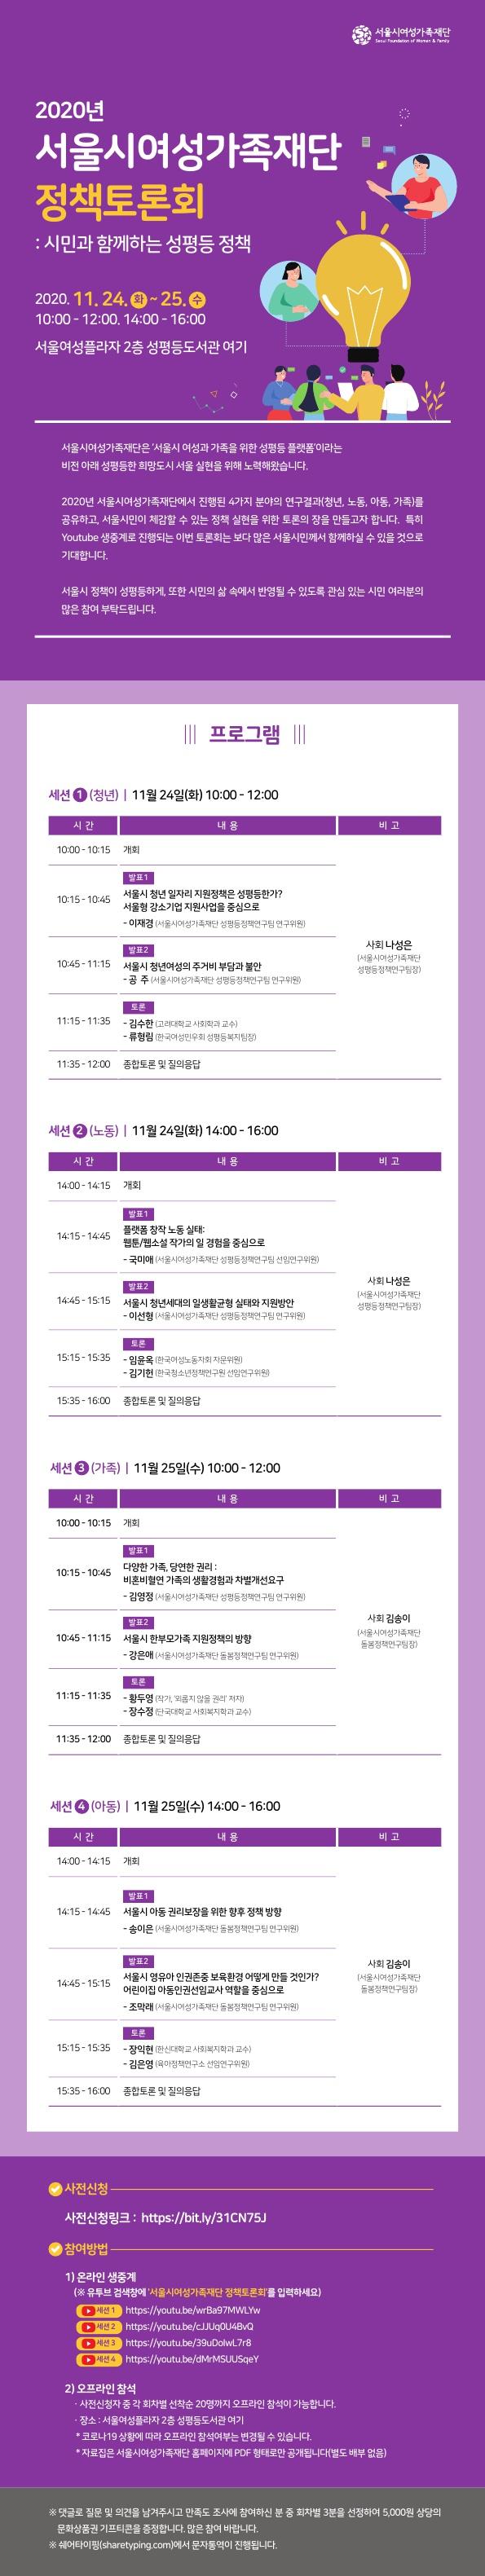 2020년 서울시여성가족재단 정책토론회: 시민과 함께하는 성평등 정책 행사일시: 11월 24~25일  10:00~12:00, 14:00~16:00 서울여성플라자 2층 성평등도서관 '여기'